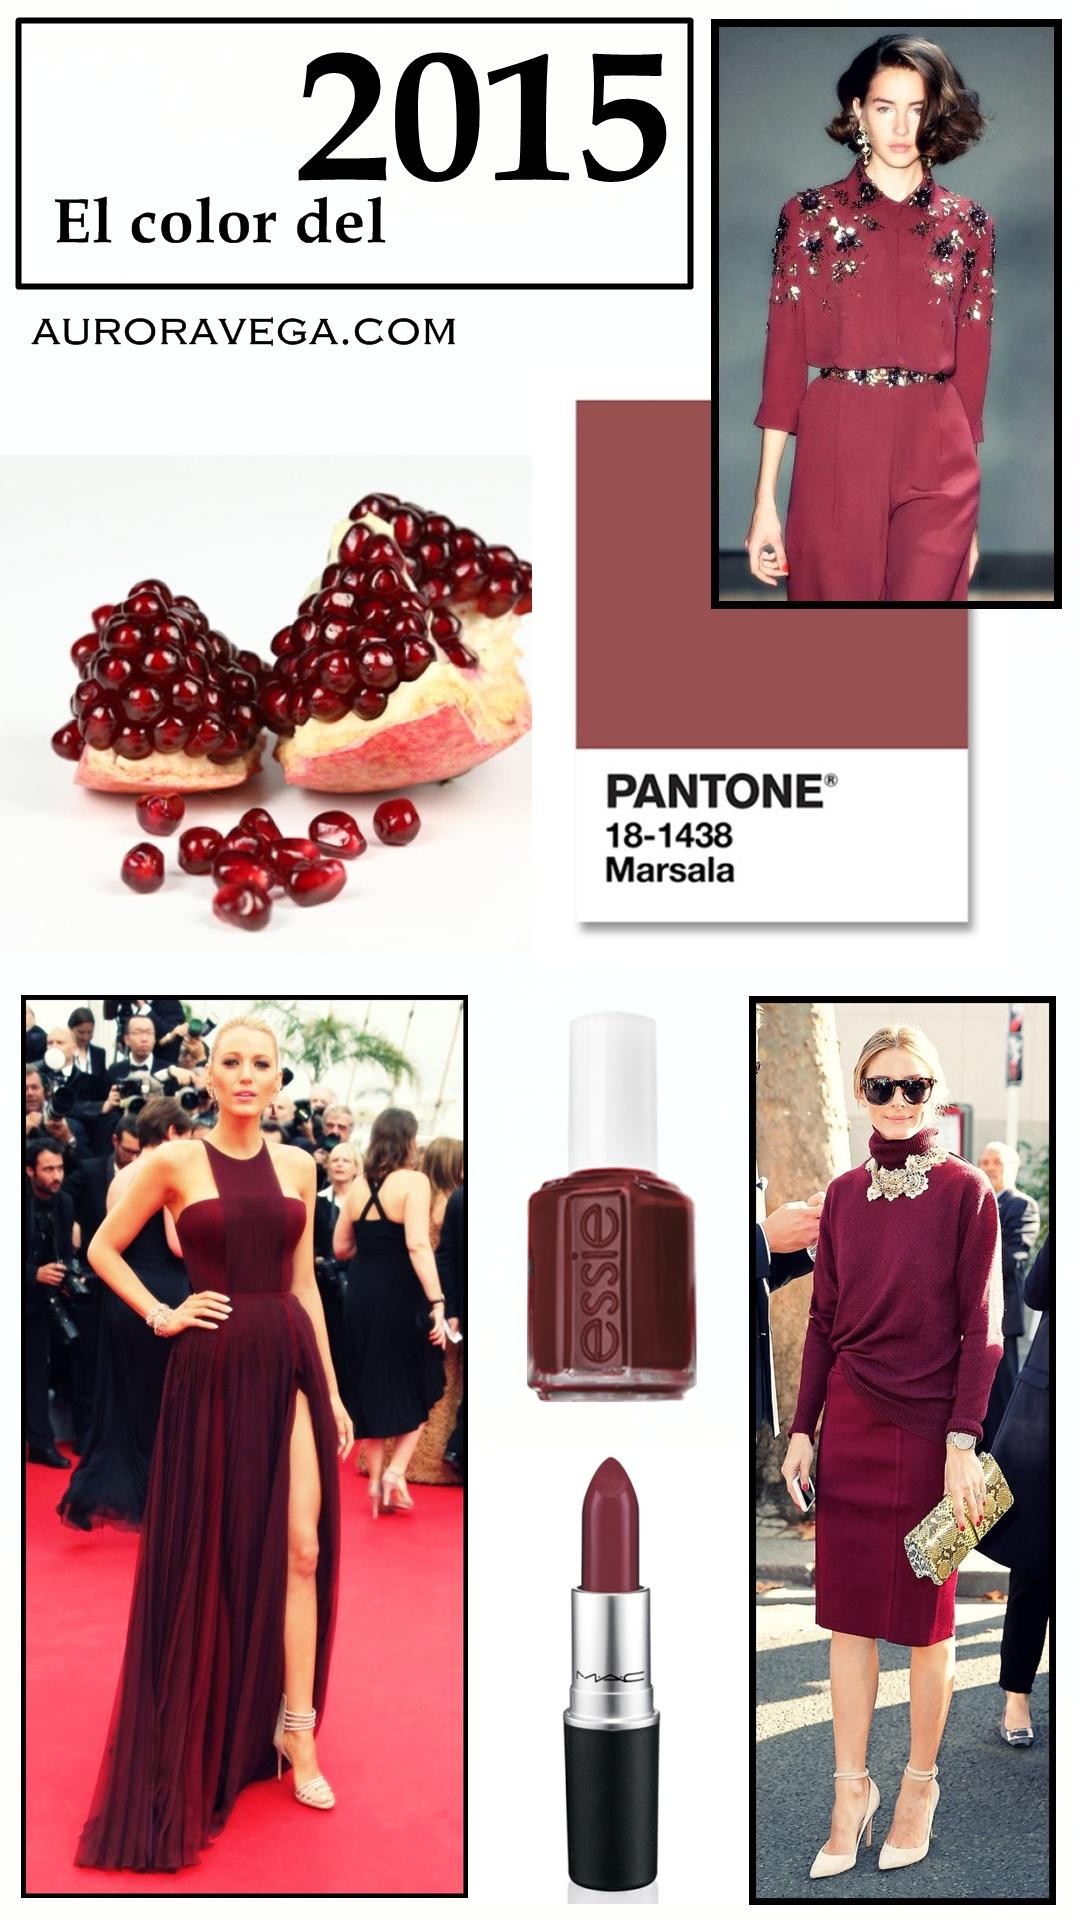 Color del año 2015 Pantone Marsala